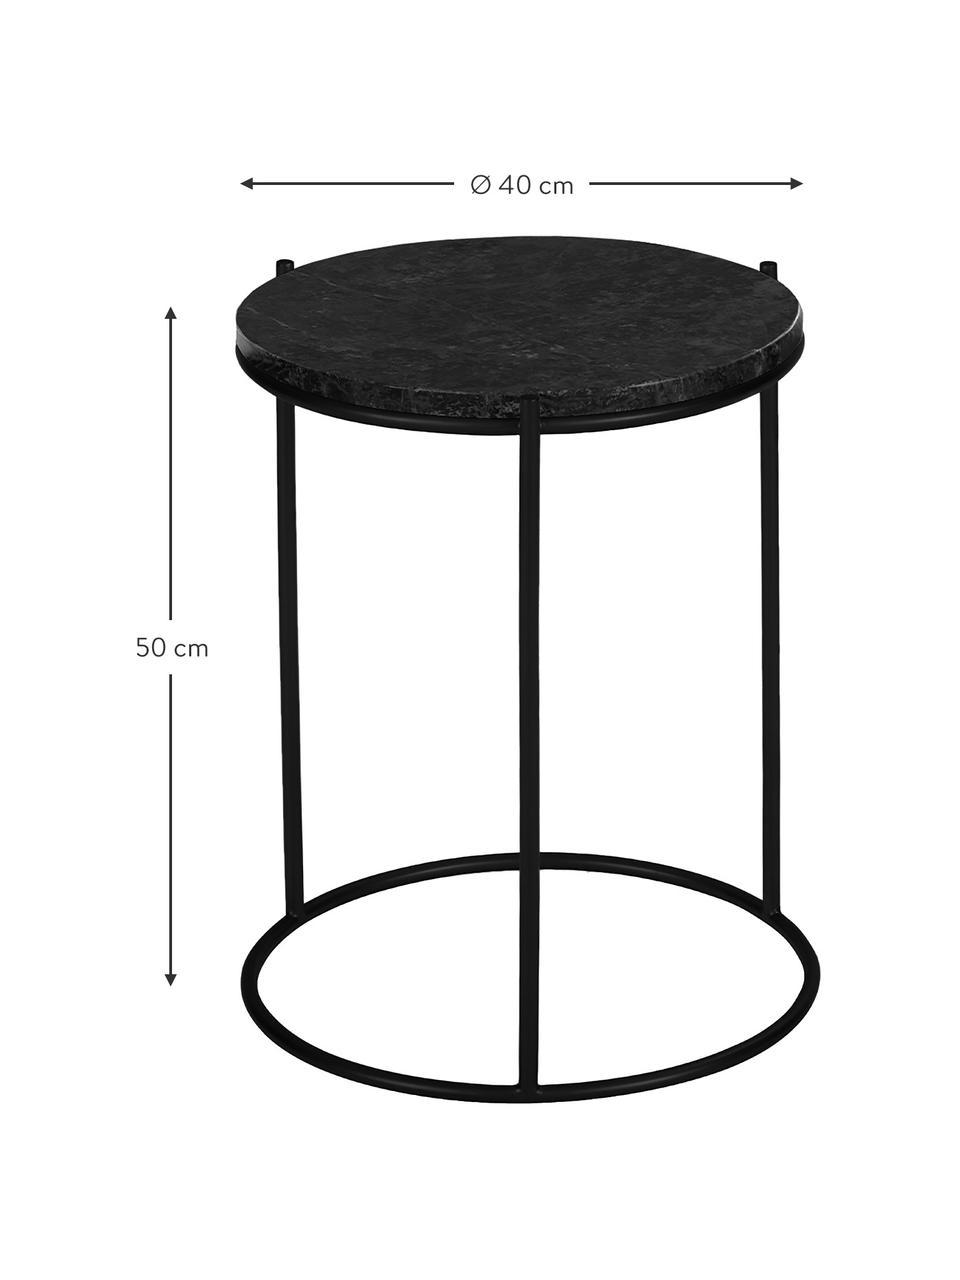 Okrągły stolik pomocniczy z marmuru Ella, Blat: marmur, Stelaż: metal malowany proszkowo, Blat: czarny marmur Stelaż: czarny, matowy, Ø 40 x W 50 cm